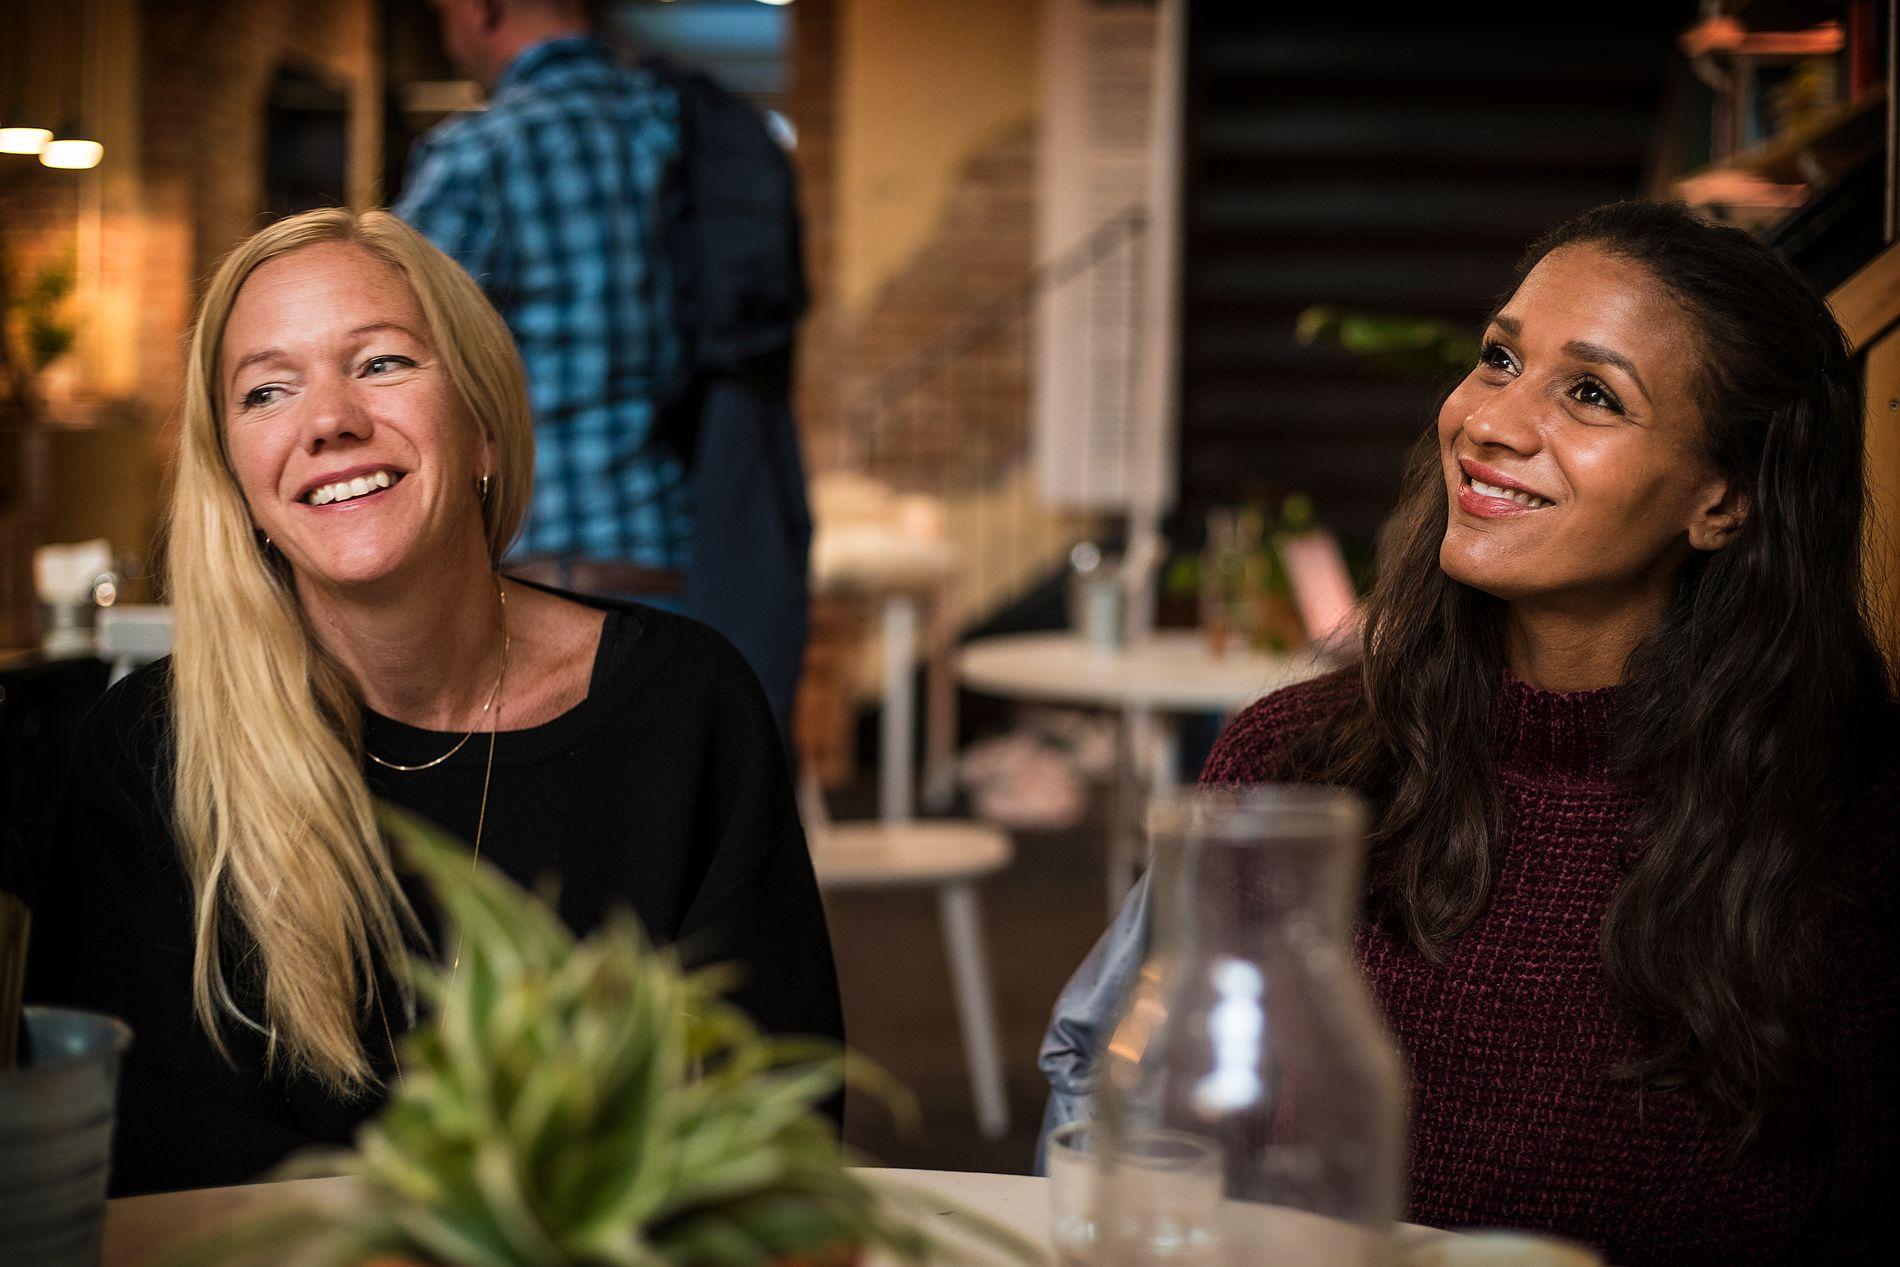 TJENER GODT: Maja Lunde (43) og Lisa Aisato (37) har truffet skikkelig med julekalenderboken «Snøsøsteren» – og de tjener noen millioner hver på bare noen uker denne høsten.